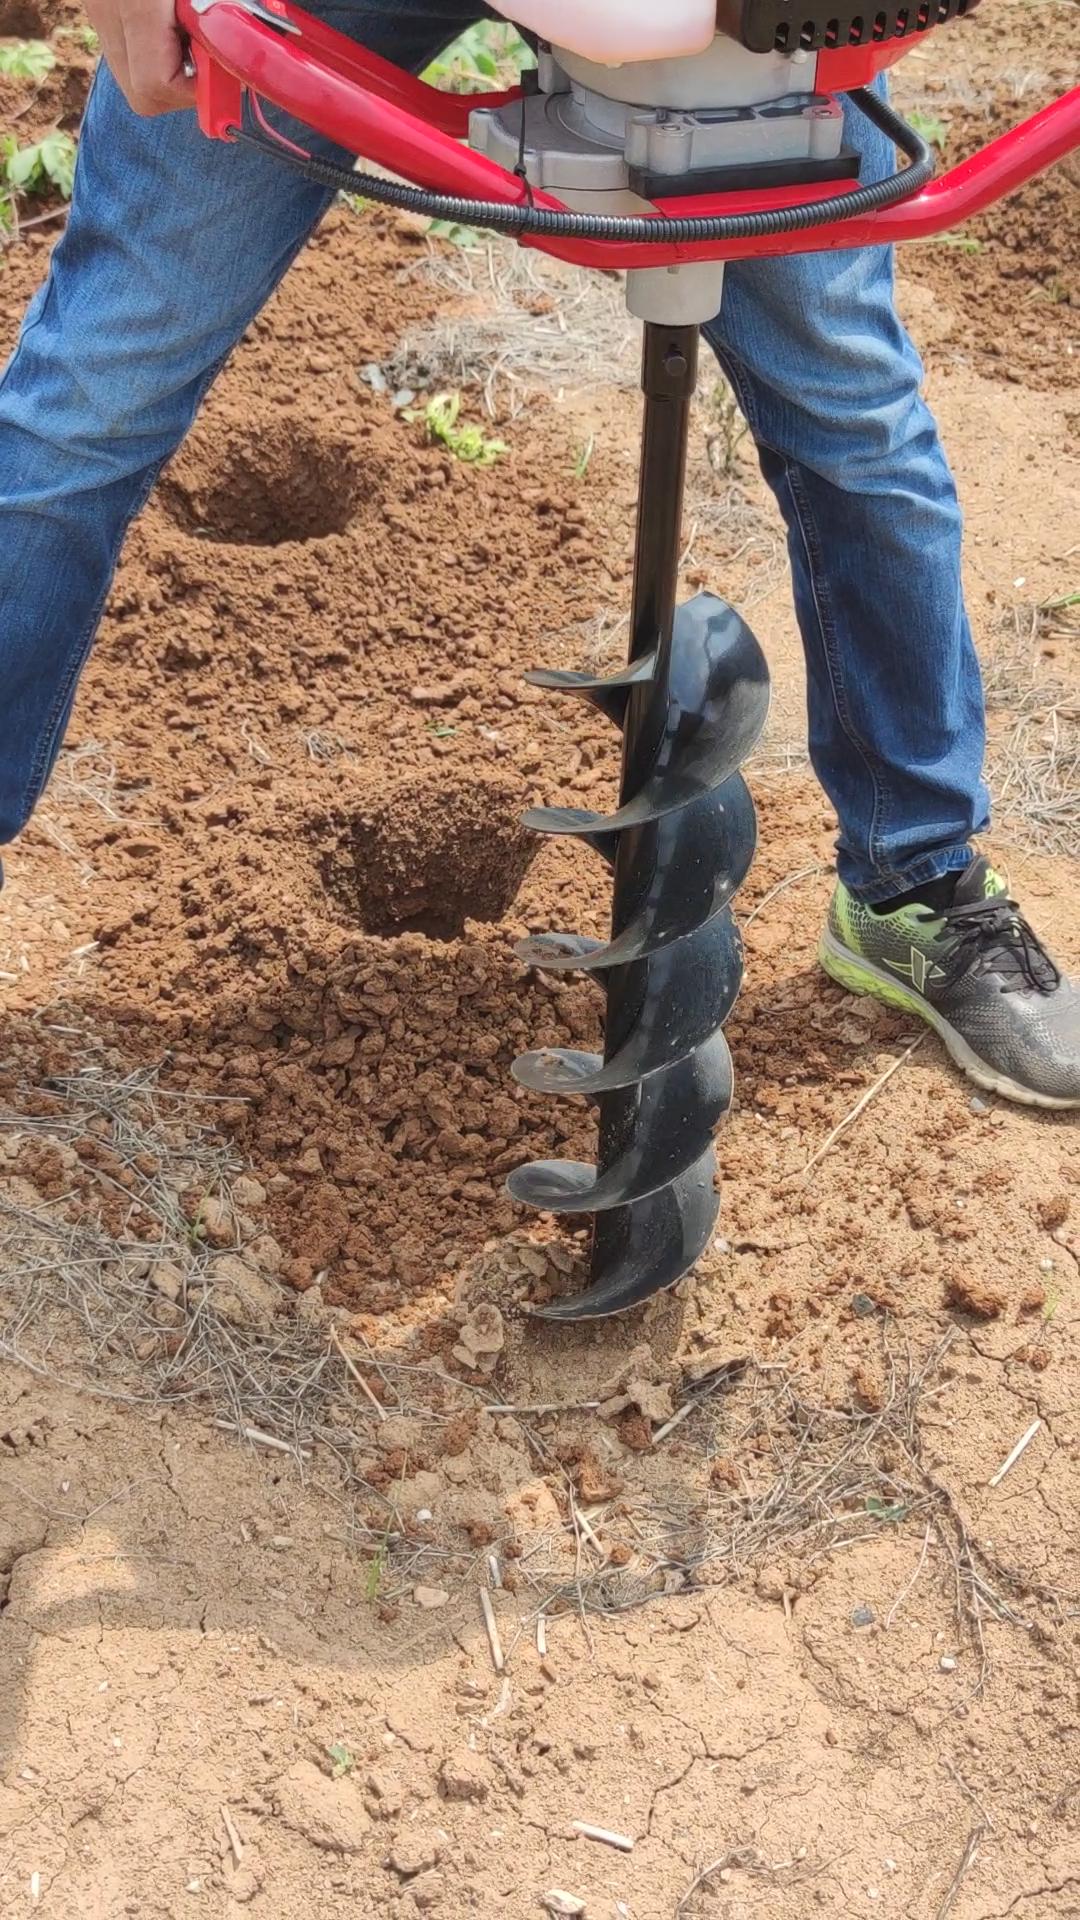 Escavadoras terra broca espiral tariere maschin perfuração puncher perfuração do solo com a planta